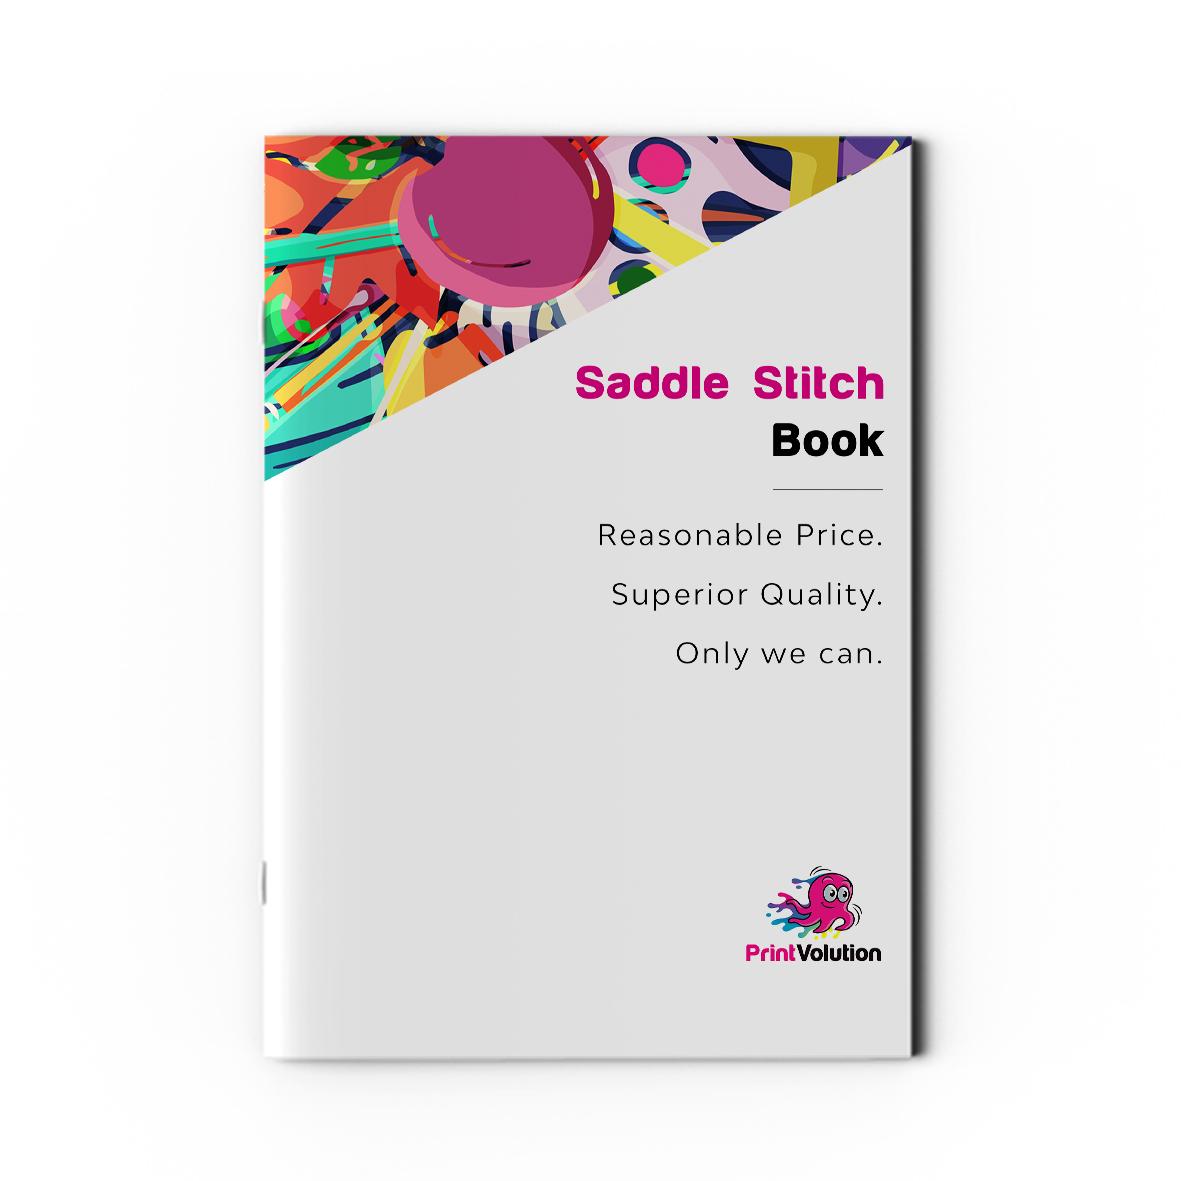 Saddle Stitch Book